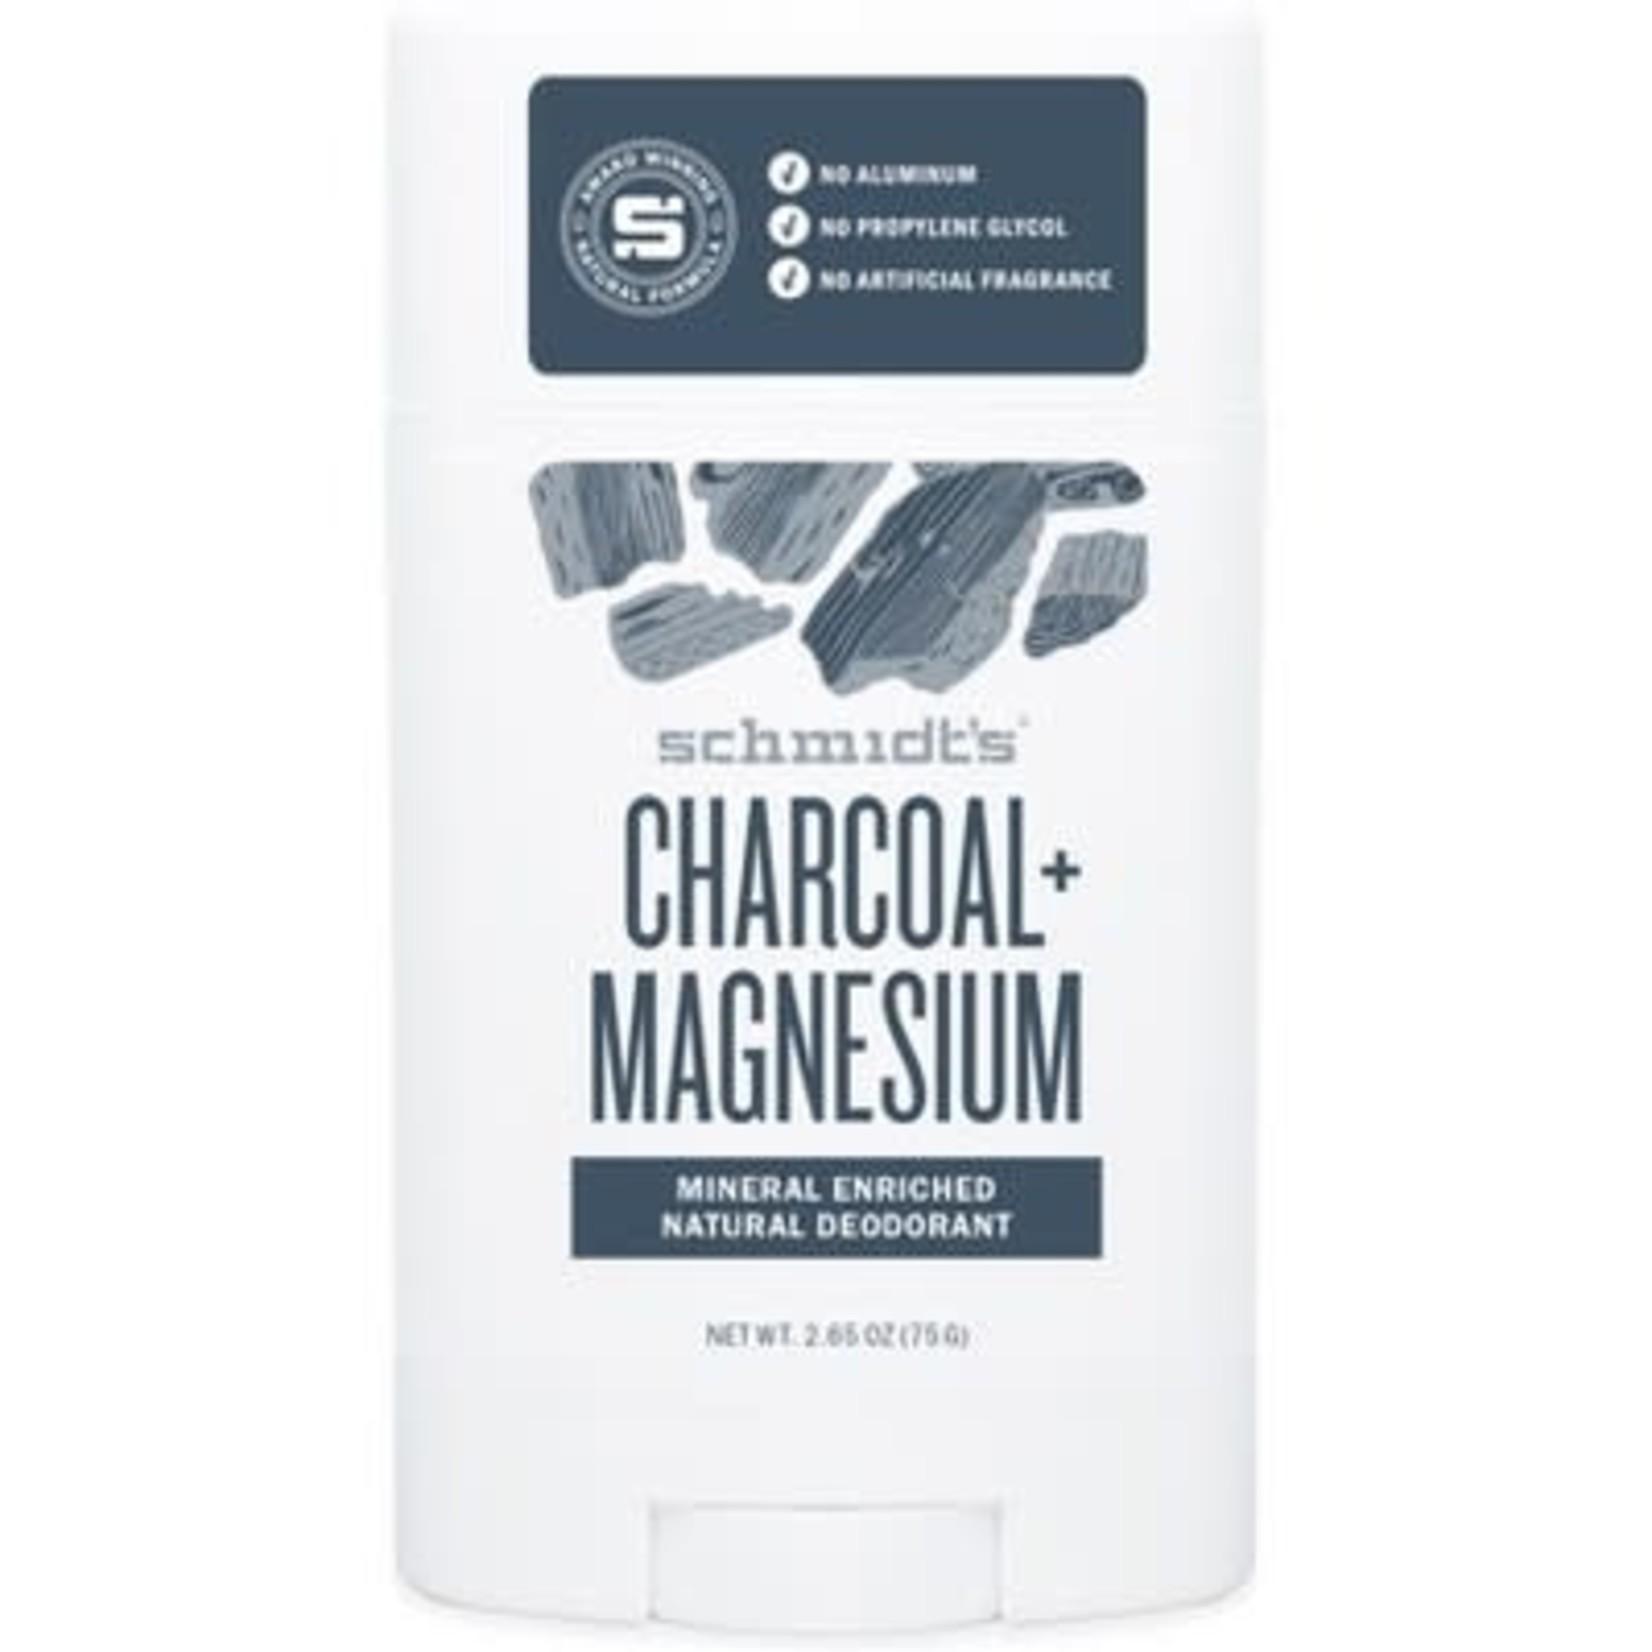 Schmidts Charcoal Magnesium Deodorant -Men's